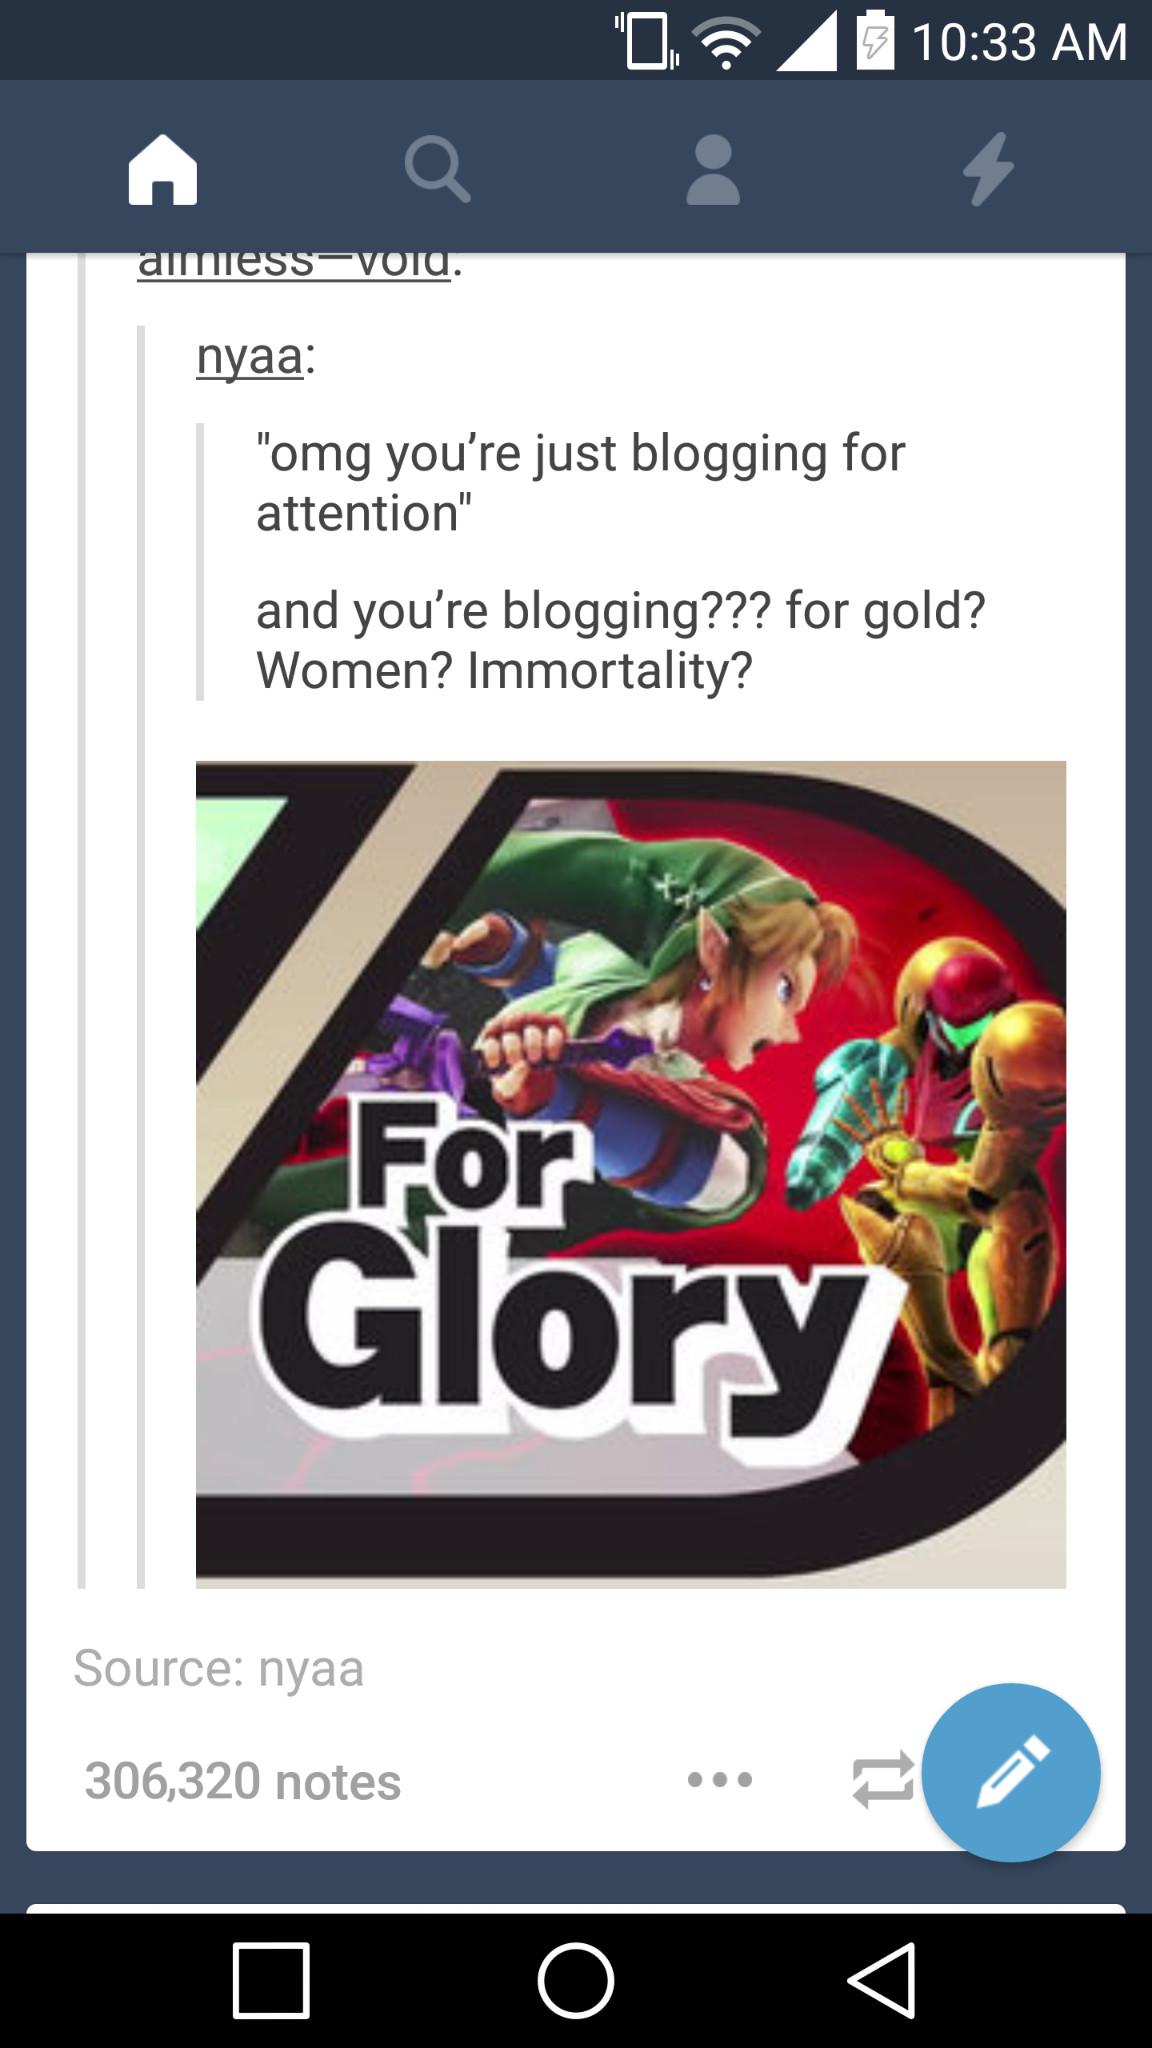 for glory - meme